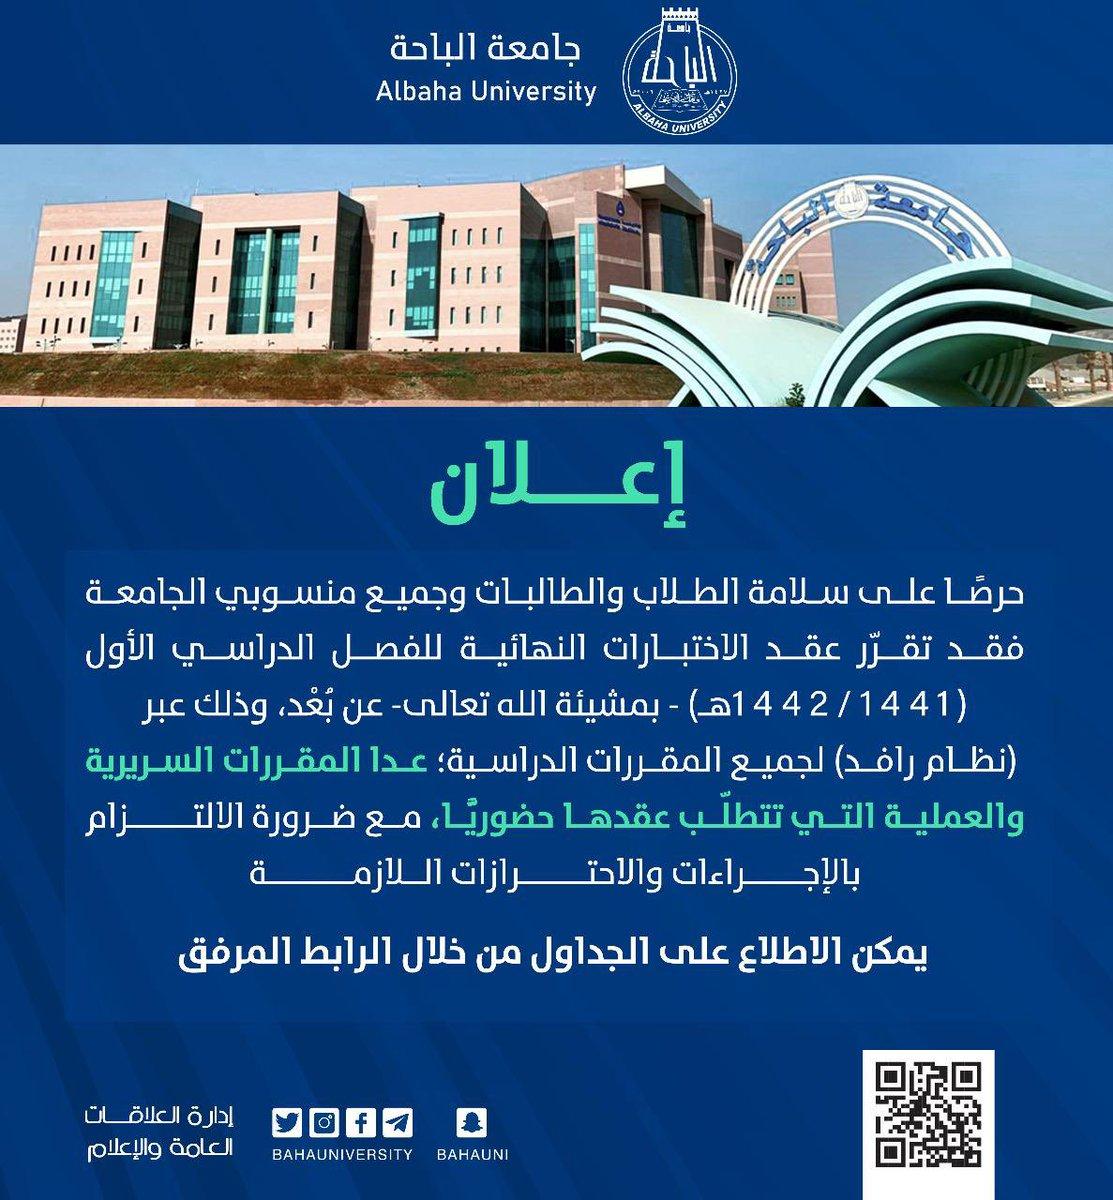 كلية إدارة الأعمال Cba Bu Twitter